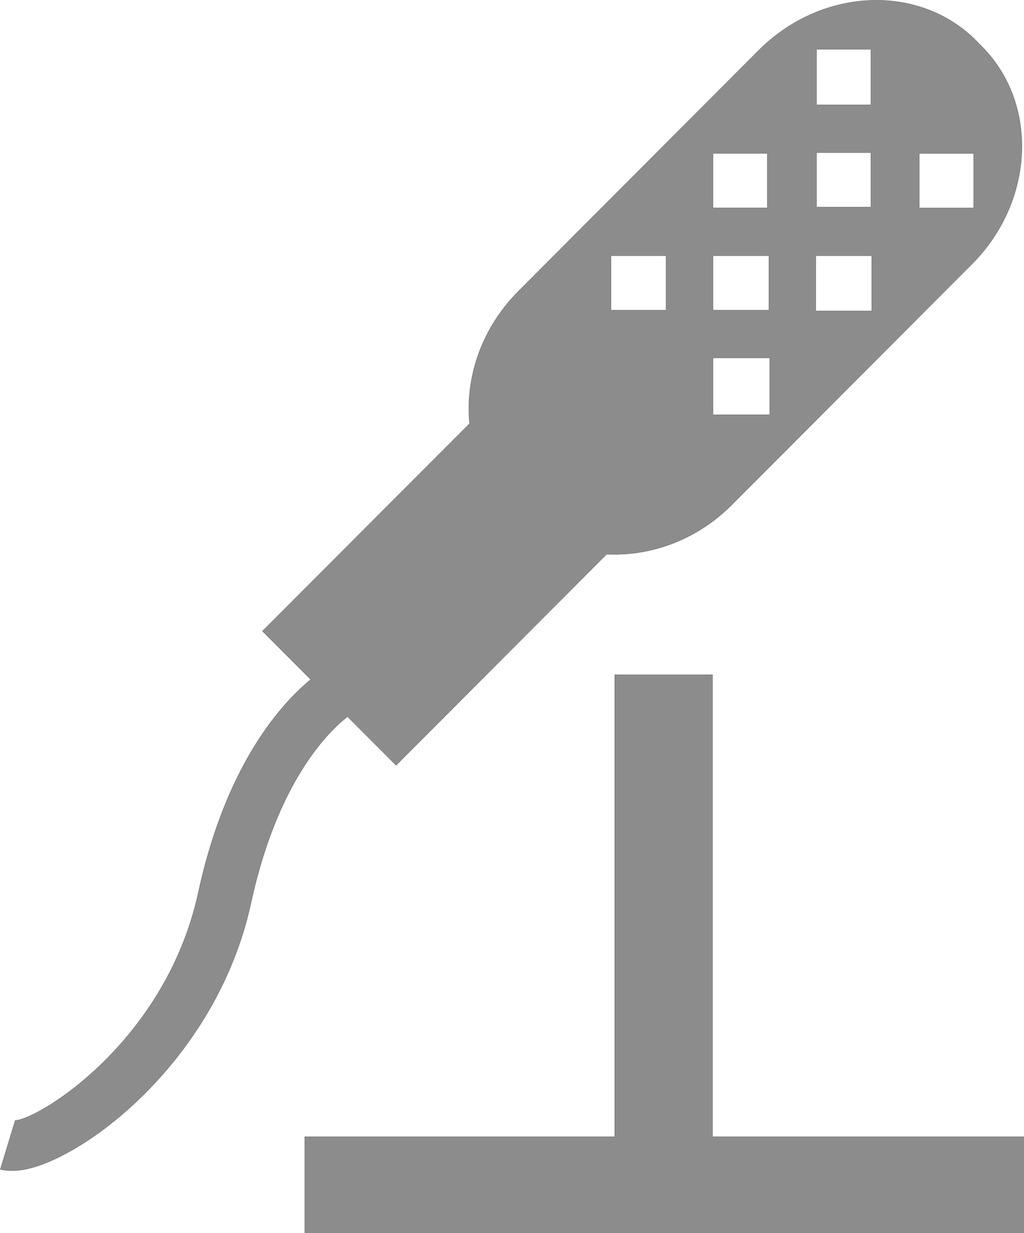 设计图库 设计元素 图标元素    上传: 2014-7-9 大小: 122.